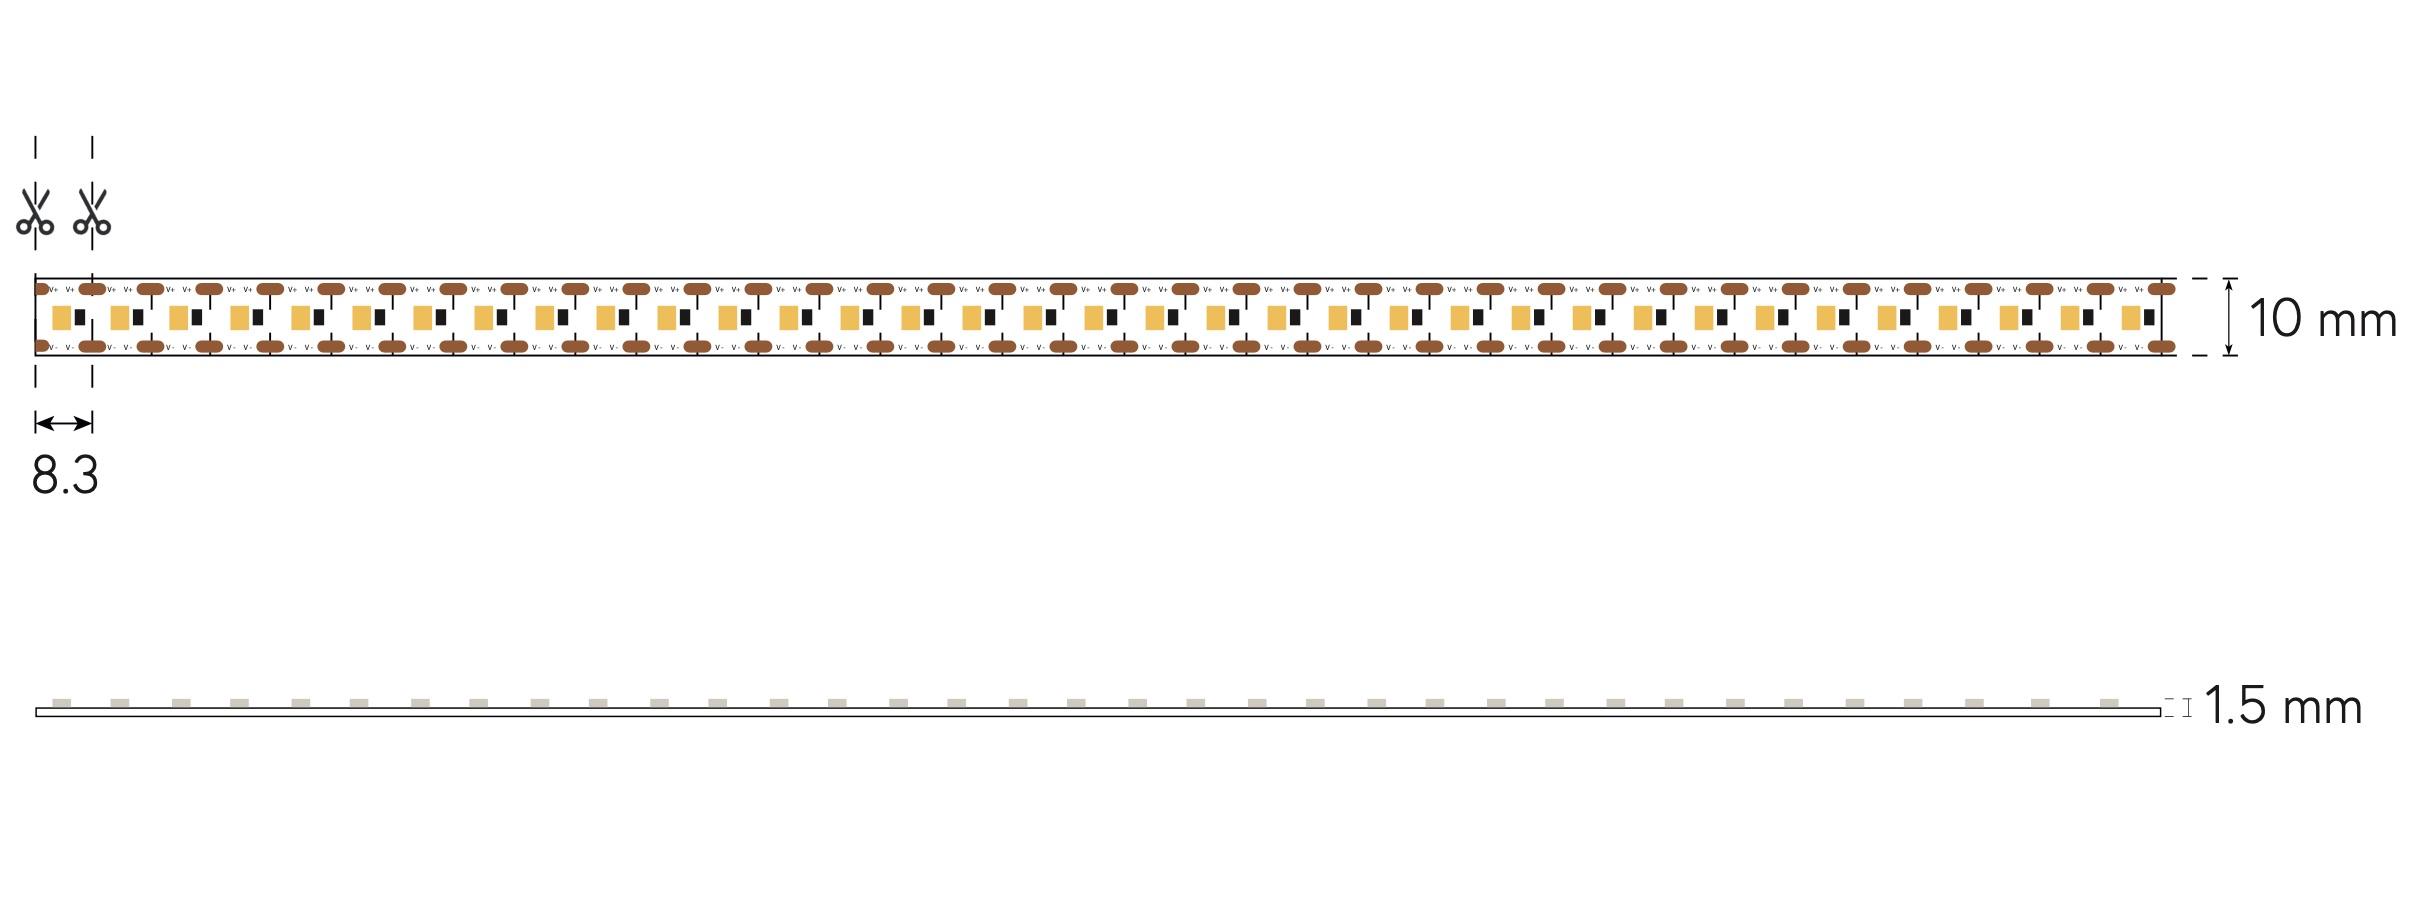 disegno tecnico ll-sp-hypercut